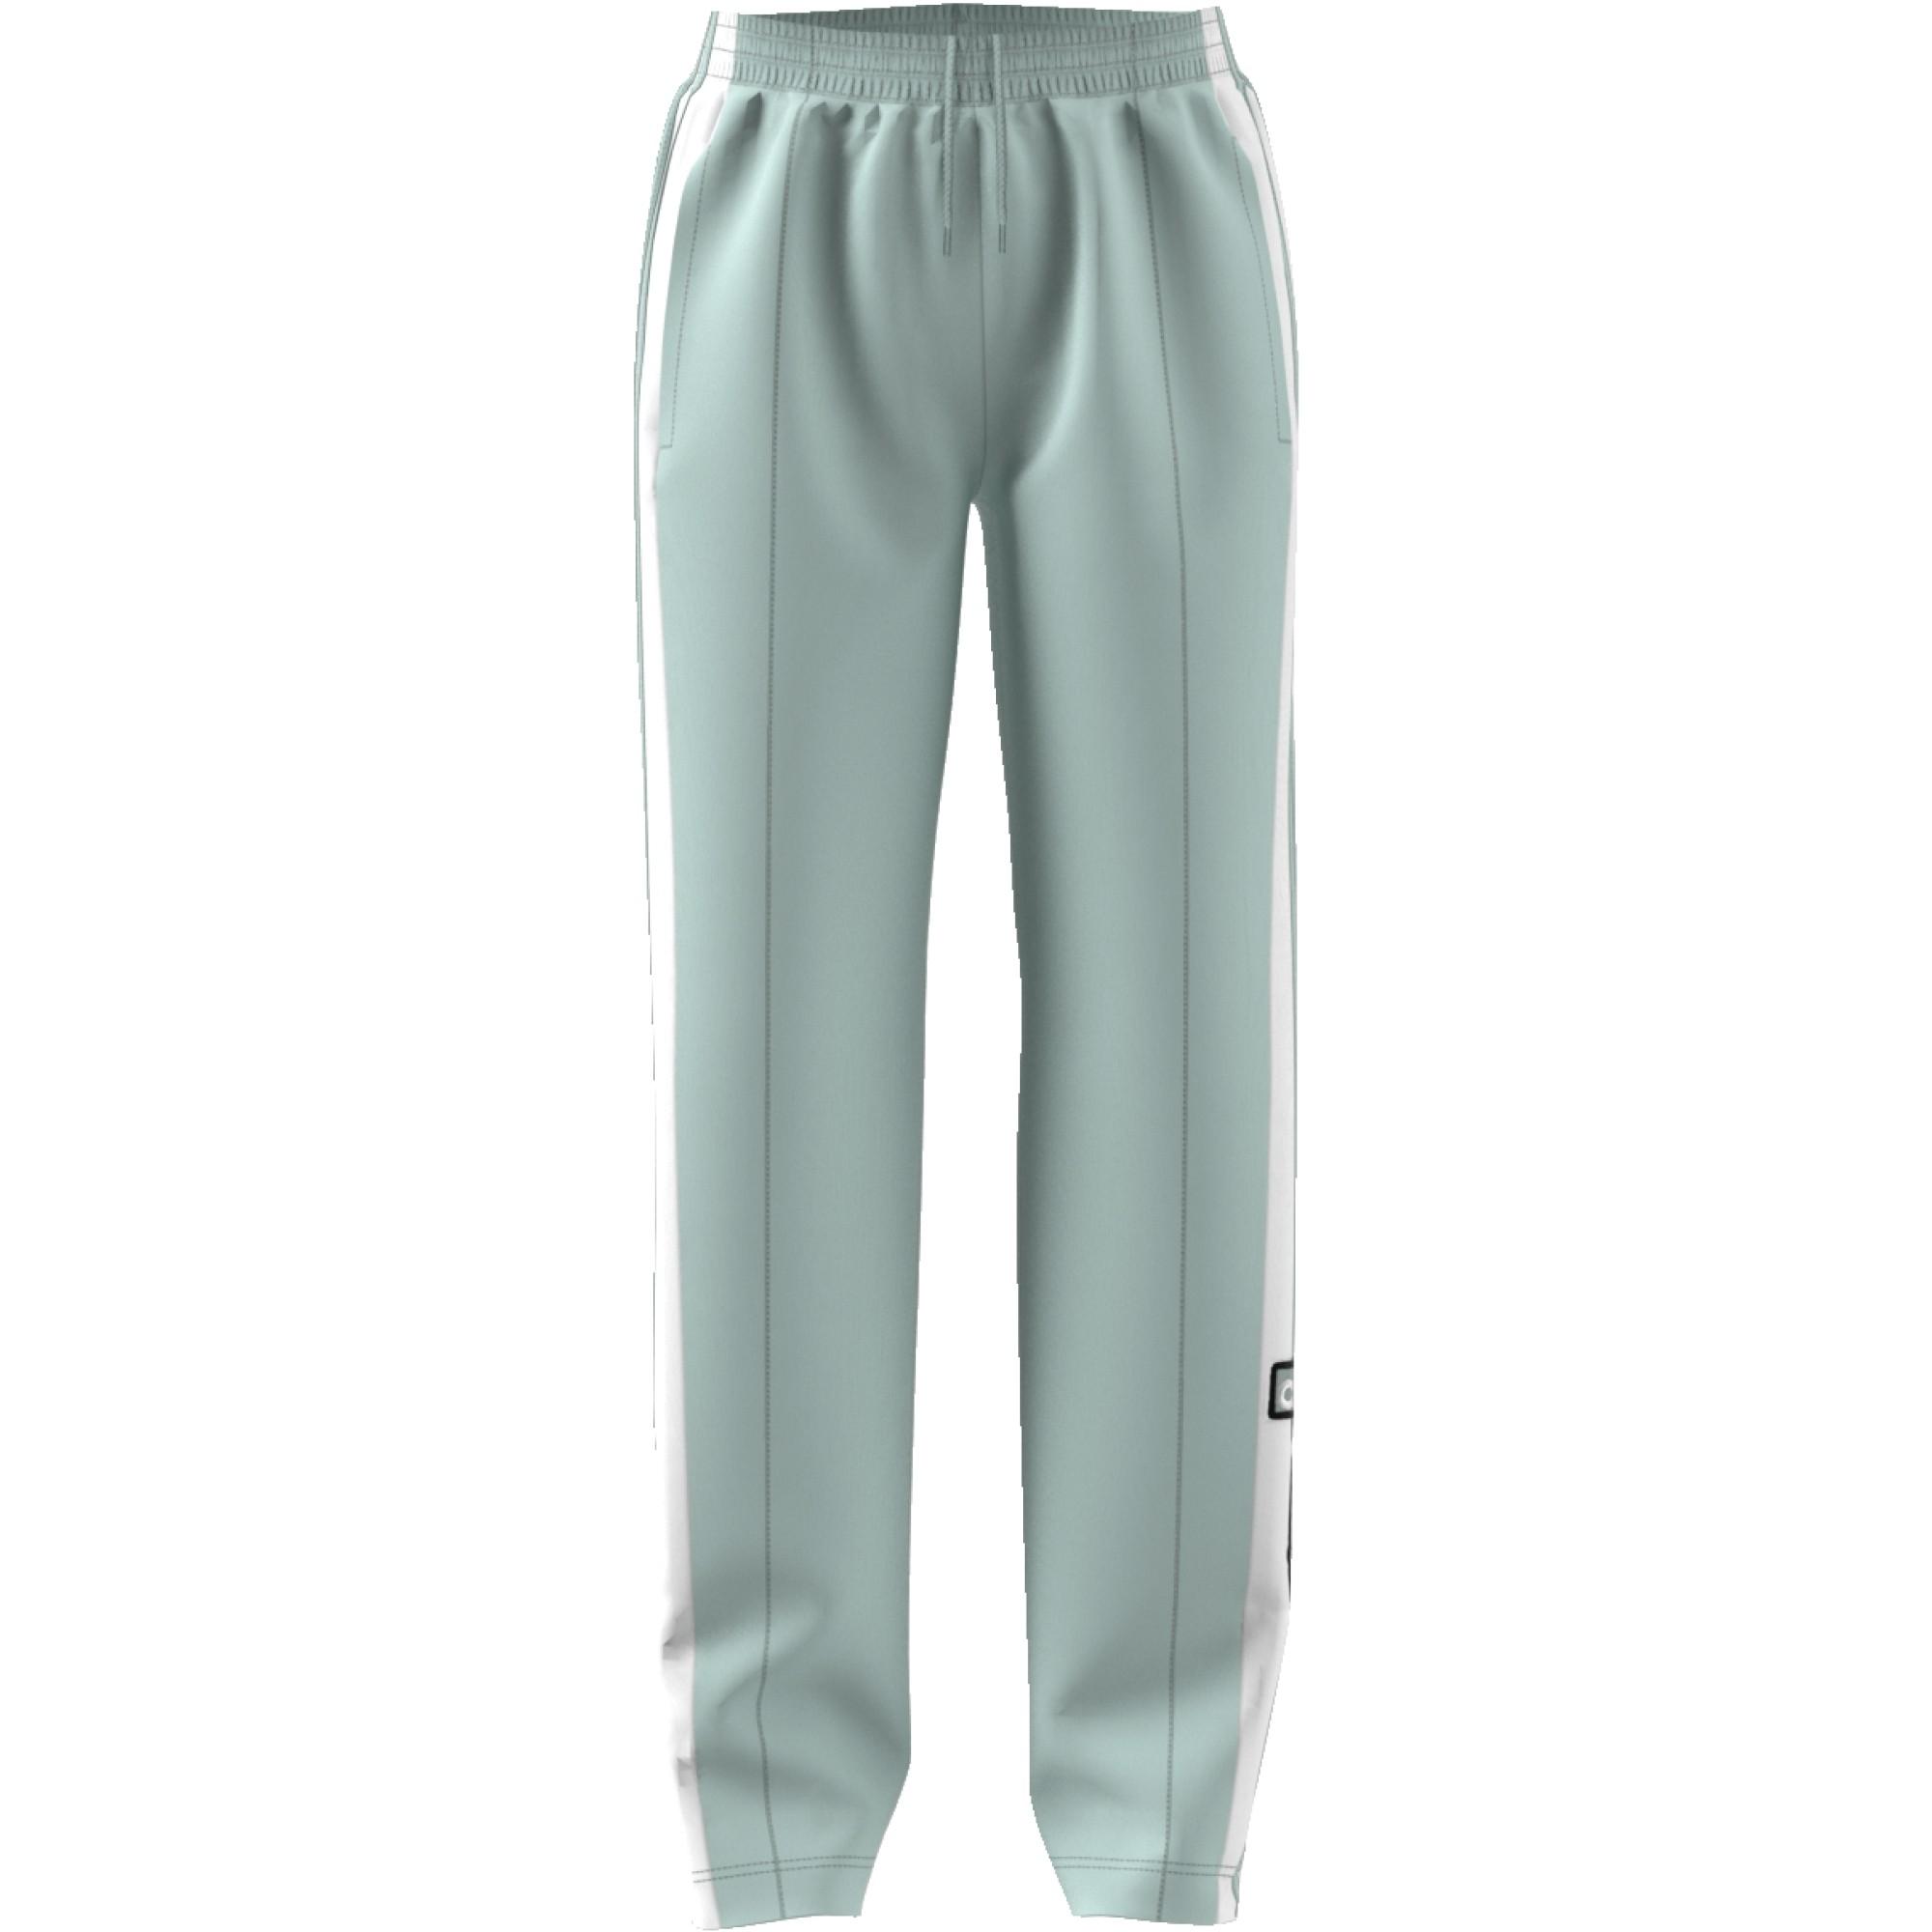 Azul Pantalón Deportes Claro Mujer Adidas Adibreak Moya OPn0wk